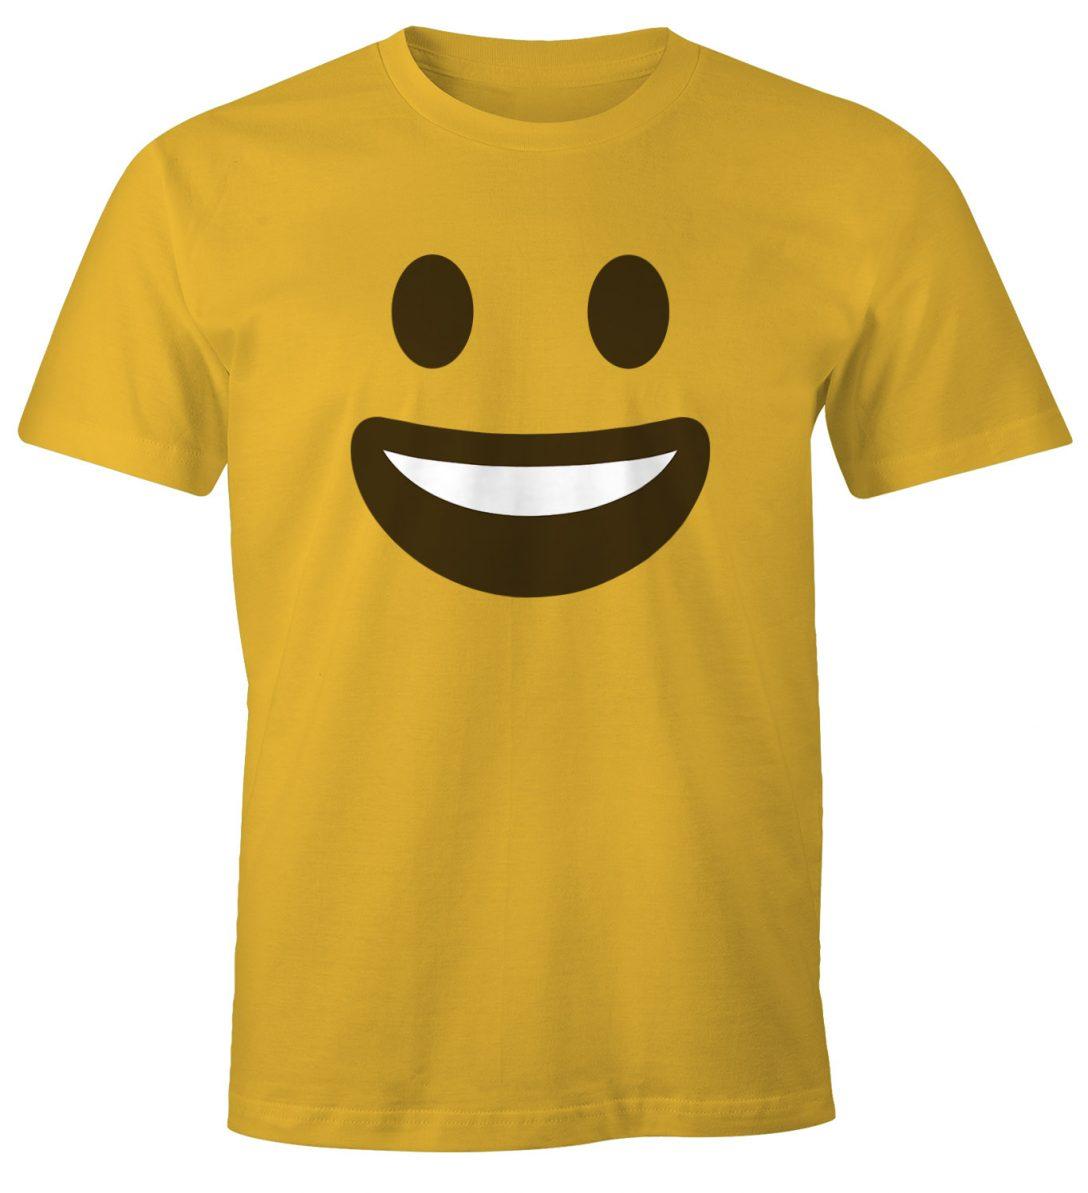 Large Size of Sprüche T Shirt Junggesellinnenabschied Herren Emoji Gruppenkostm Fasching Karneval Indirekte Beleuchtung Wohnzimmer Küche Pendelleuchte Landhaus Bett Runde Küche Sprüche T Shirt Junggesellinnenabschied